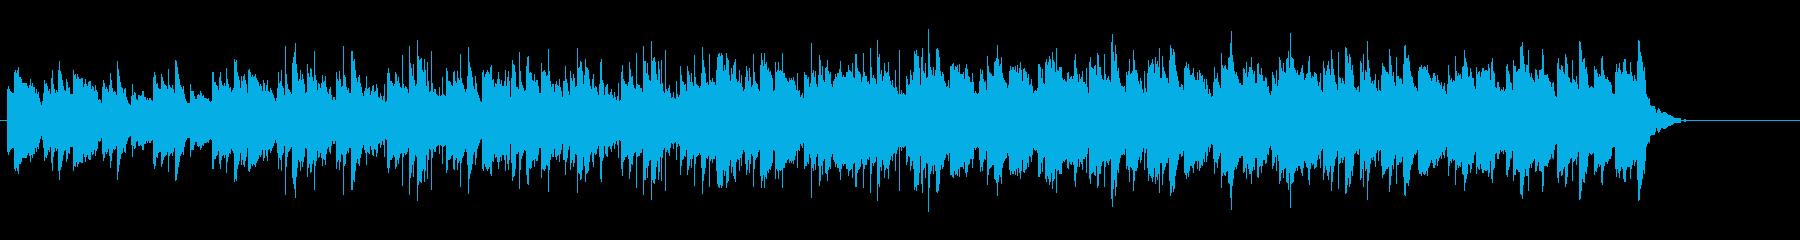 ピアノとマリンバの落ち着く夏のジングルの再生済みの波形